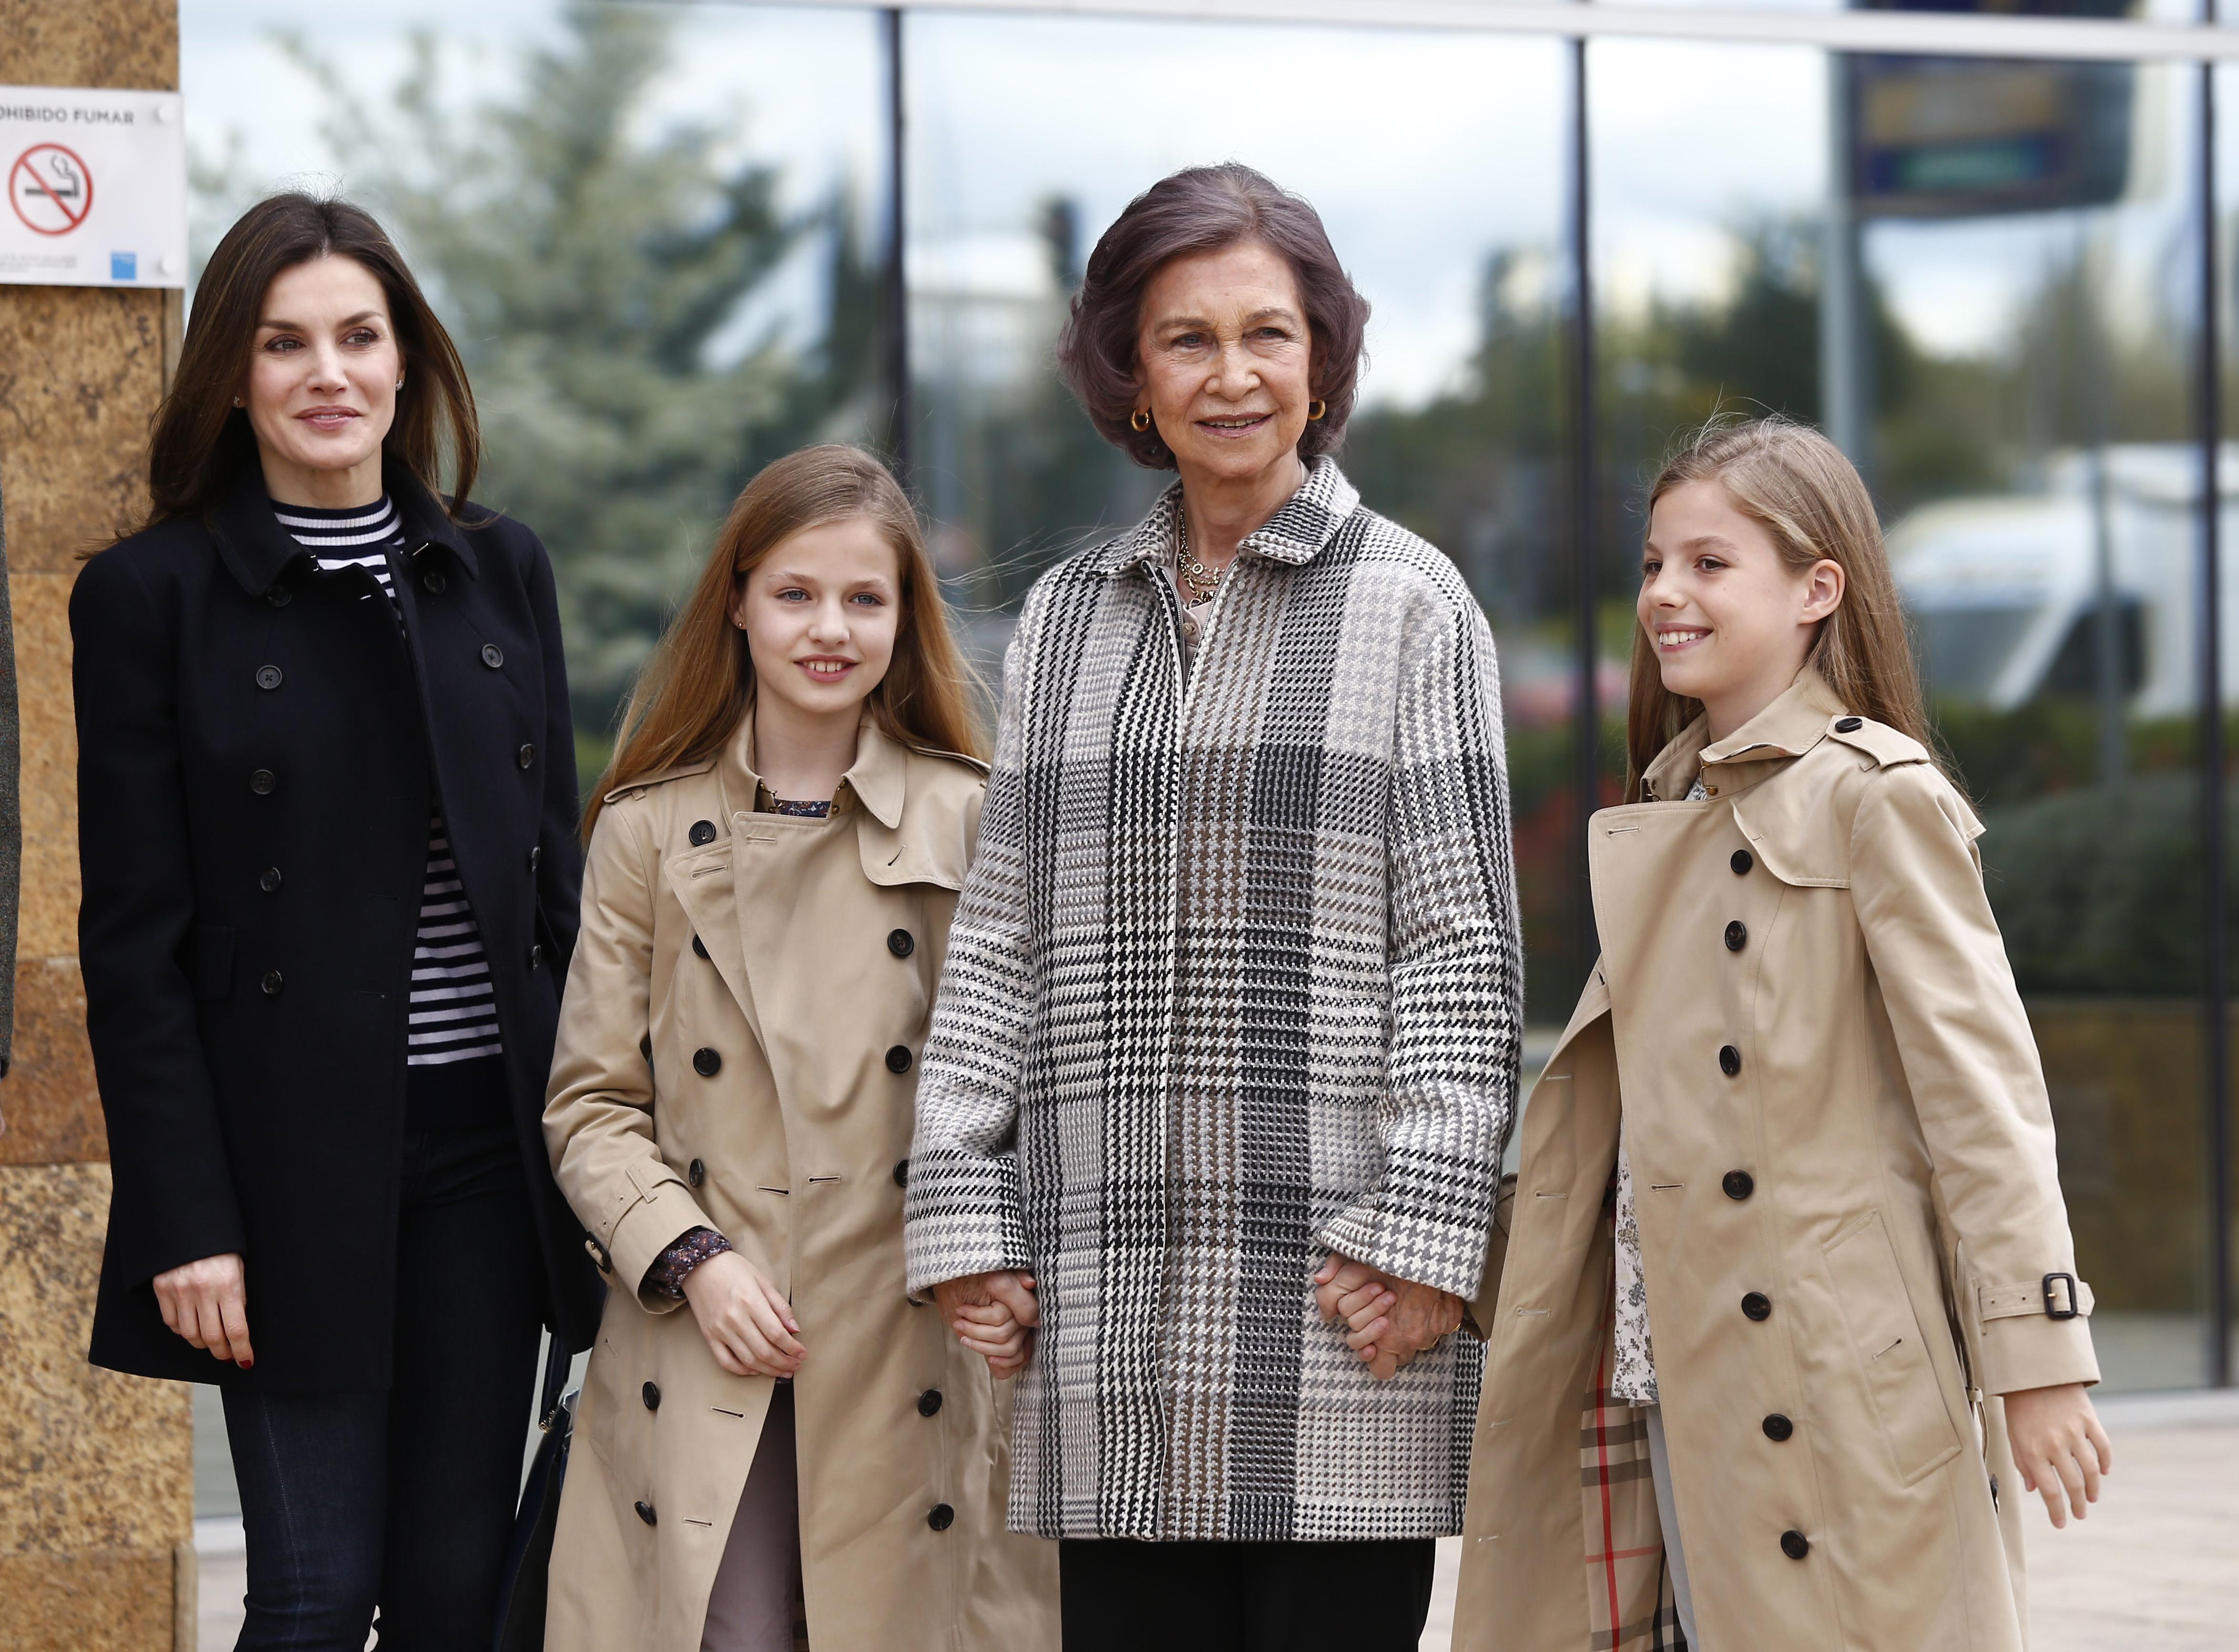 Spanish Royal Family Visits King Juan Carlos At Hospital